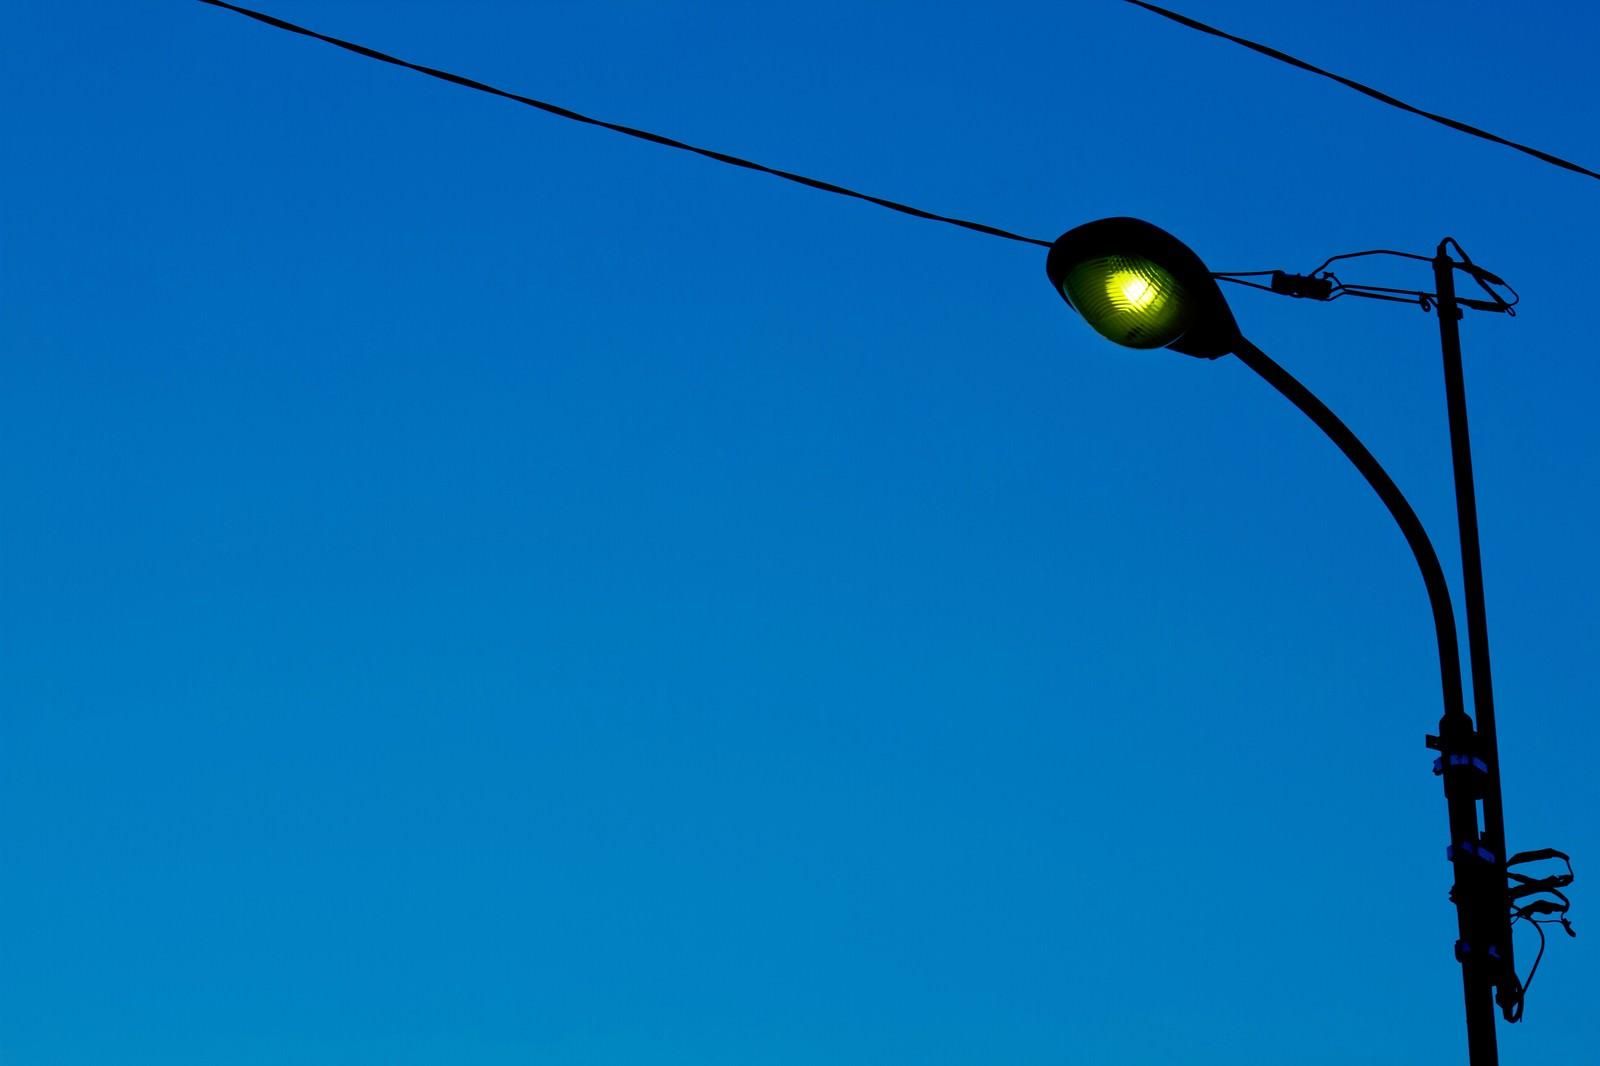 「薄暗い街灯」の写真